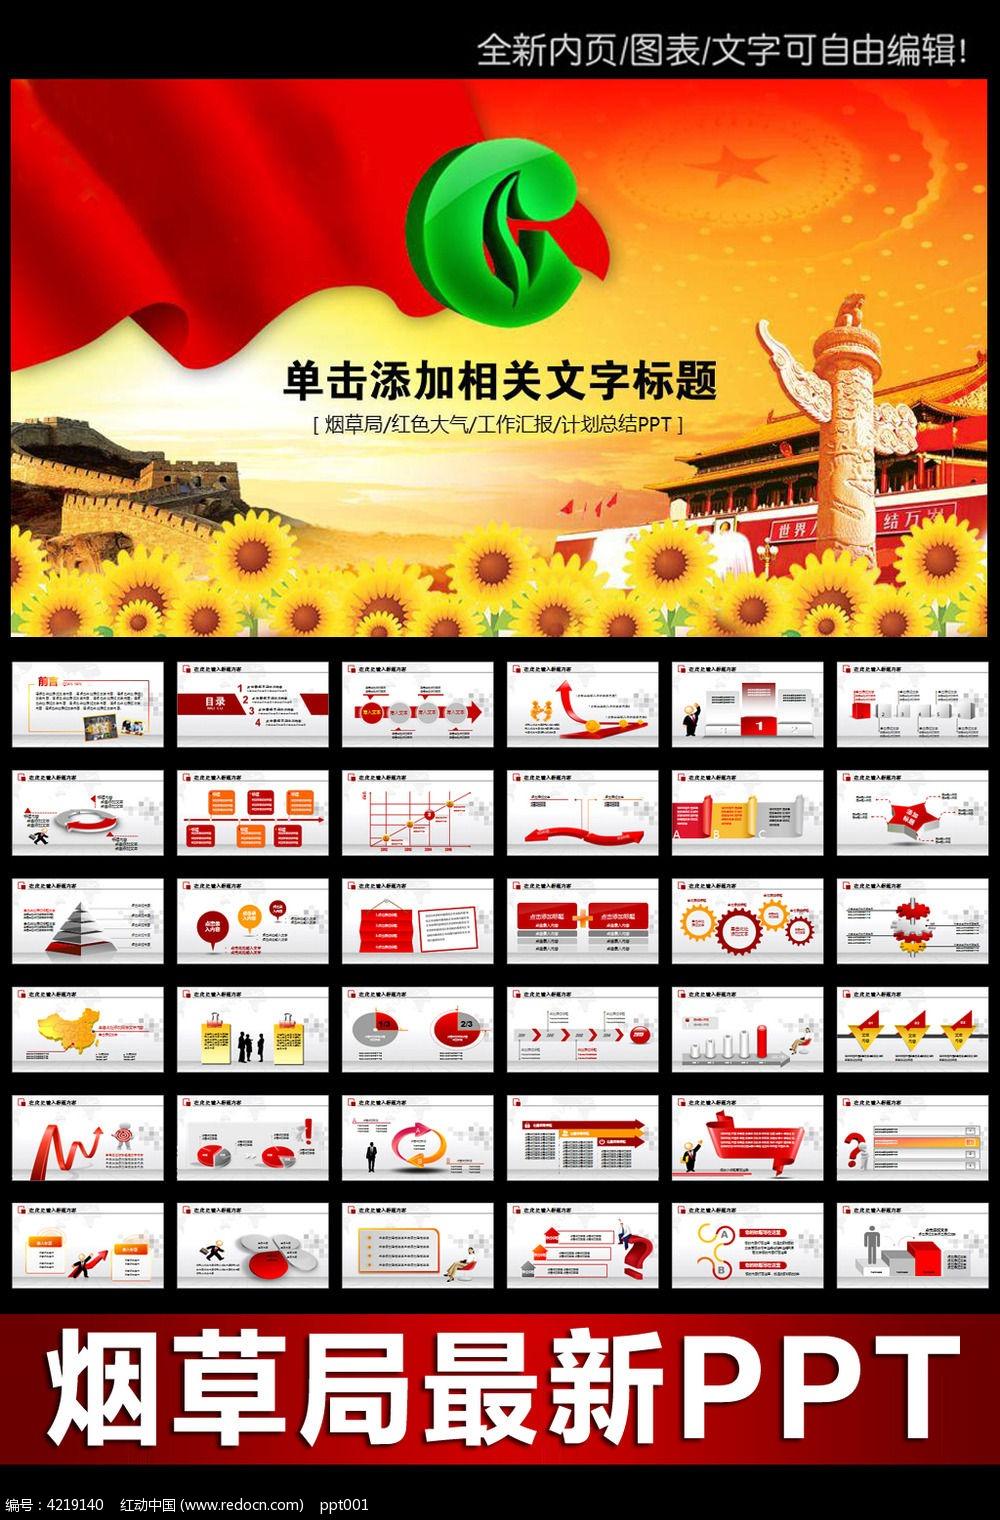 红色烟草局年终总结会议ppt_ppt模板/ppt背景图片图片